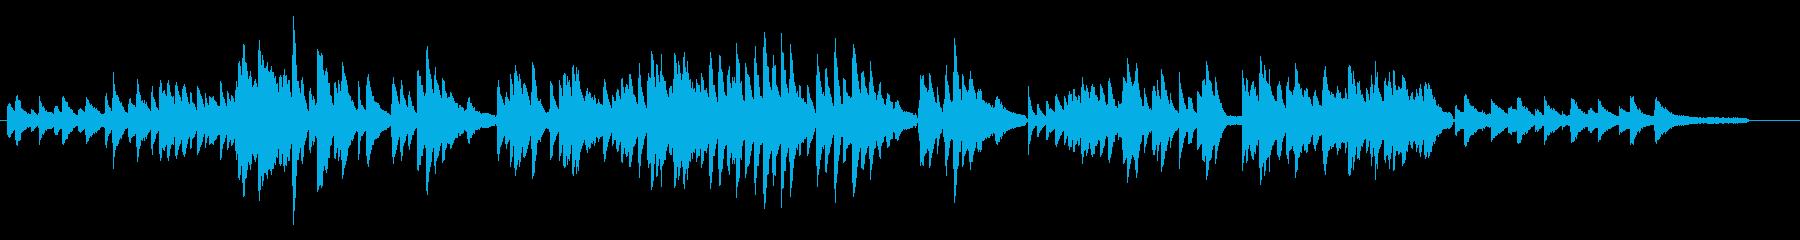 ゆったりとした眠気を誘うピアノの再生済みの波形